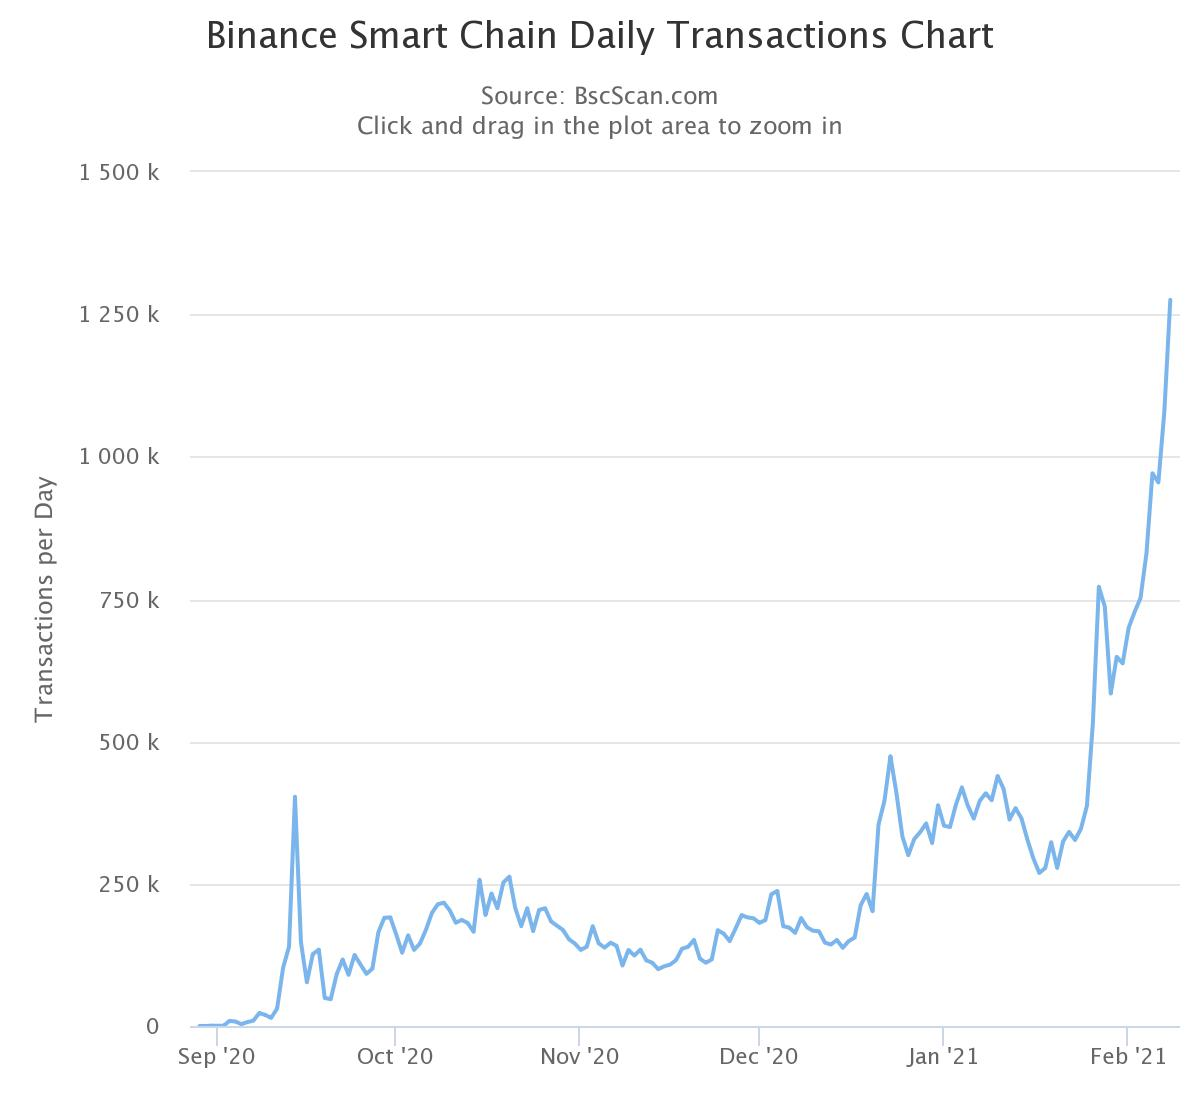 Исторический прорыв: Токен Binance Coin взлетел выше $100